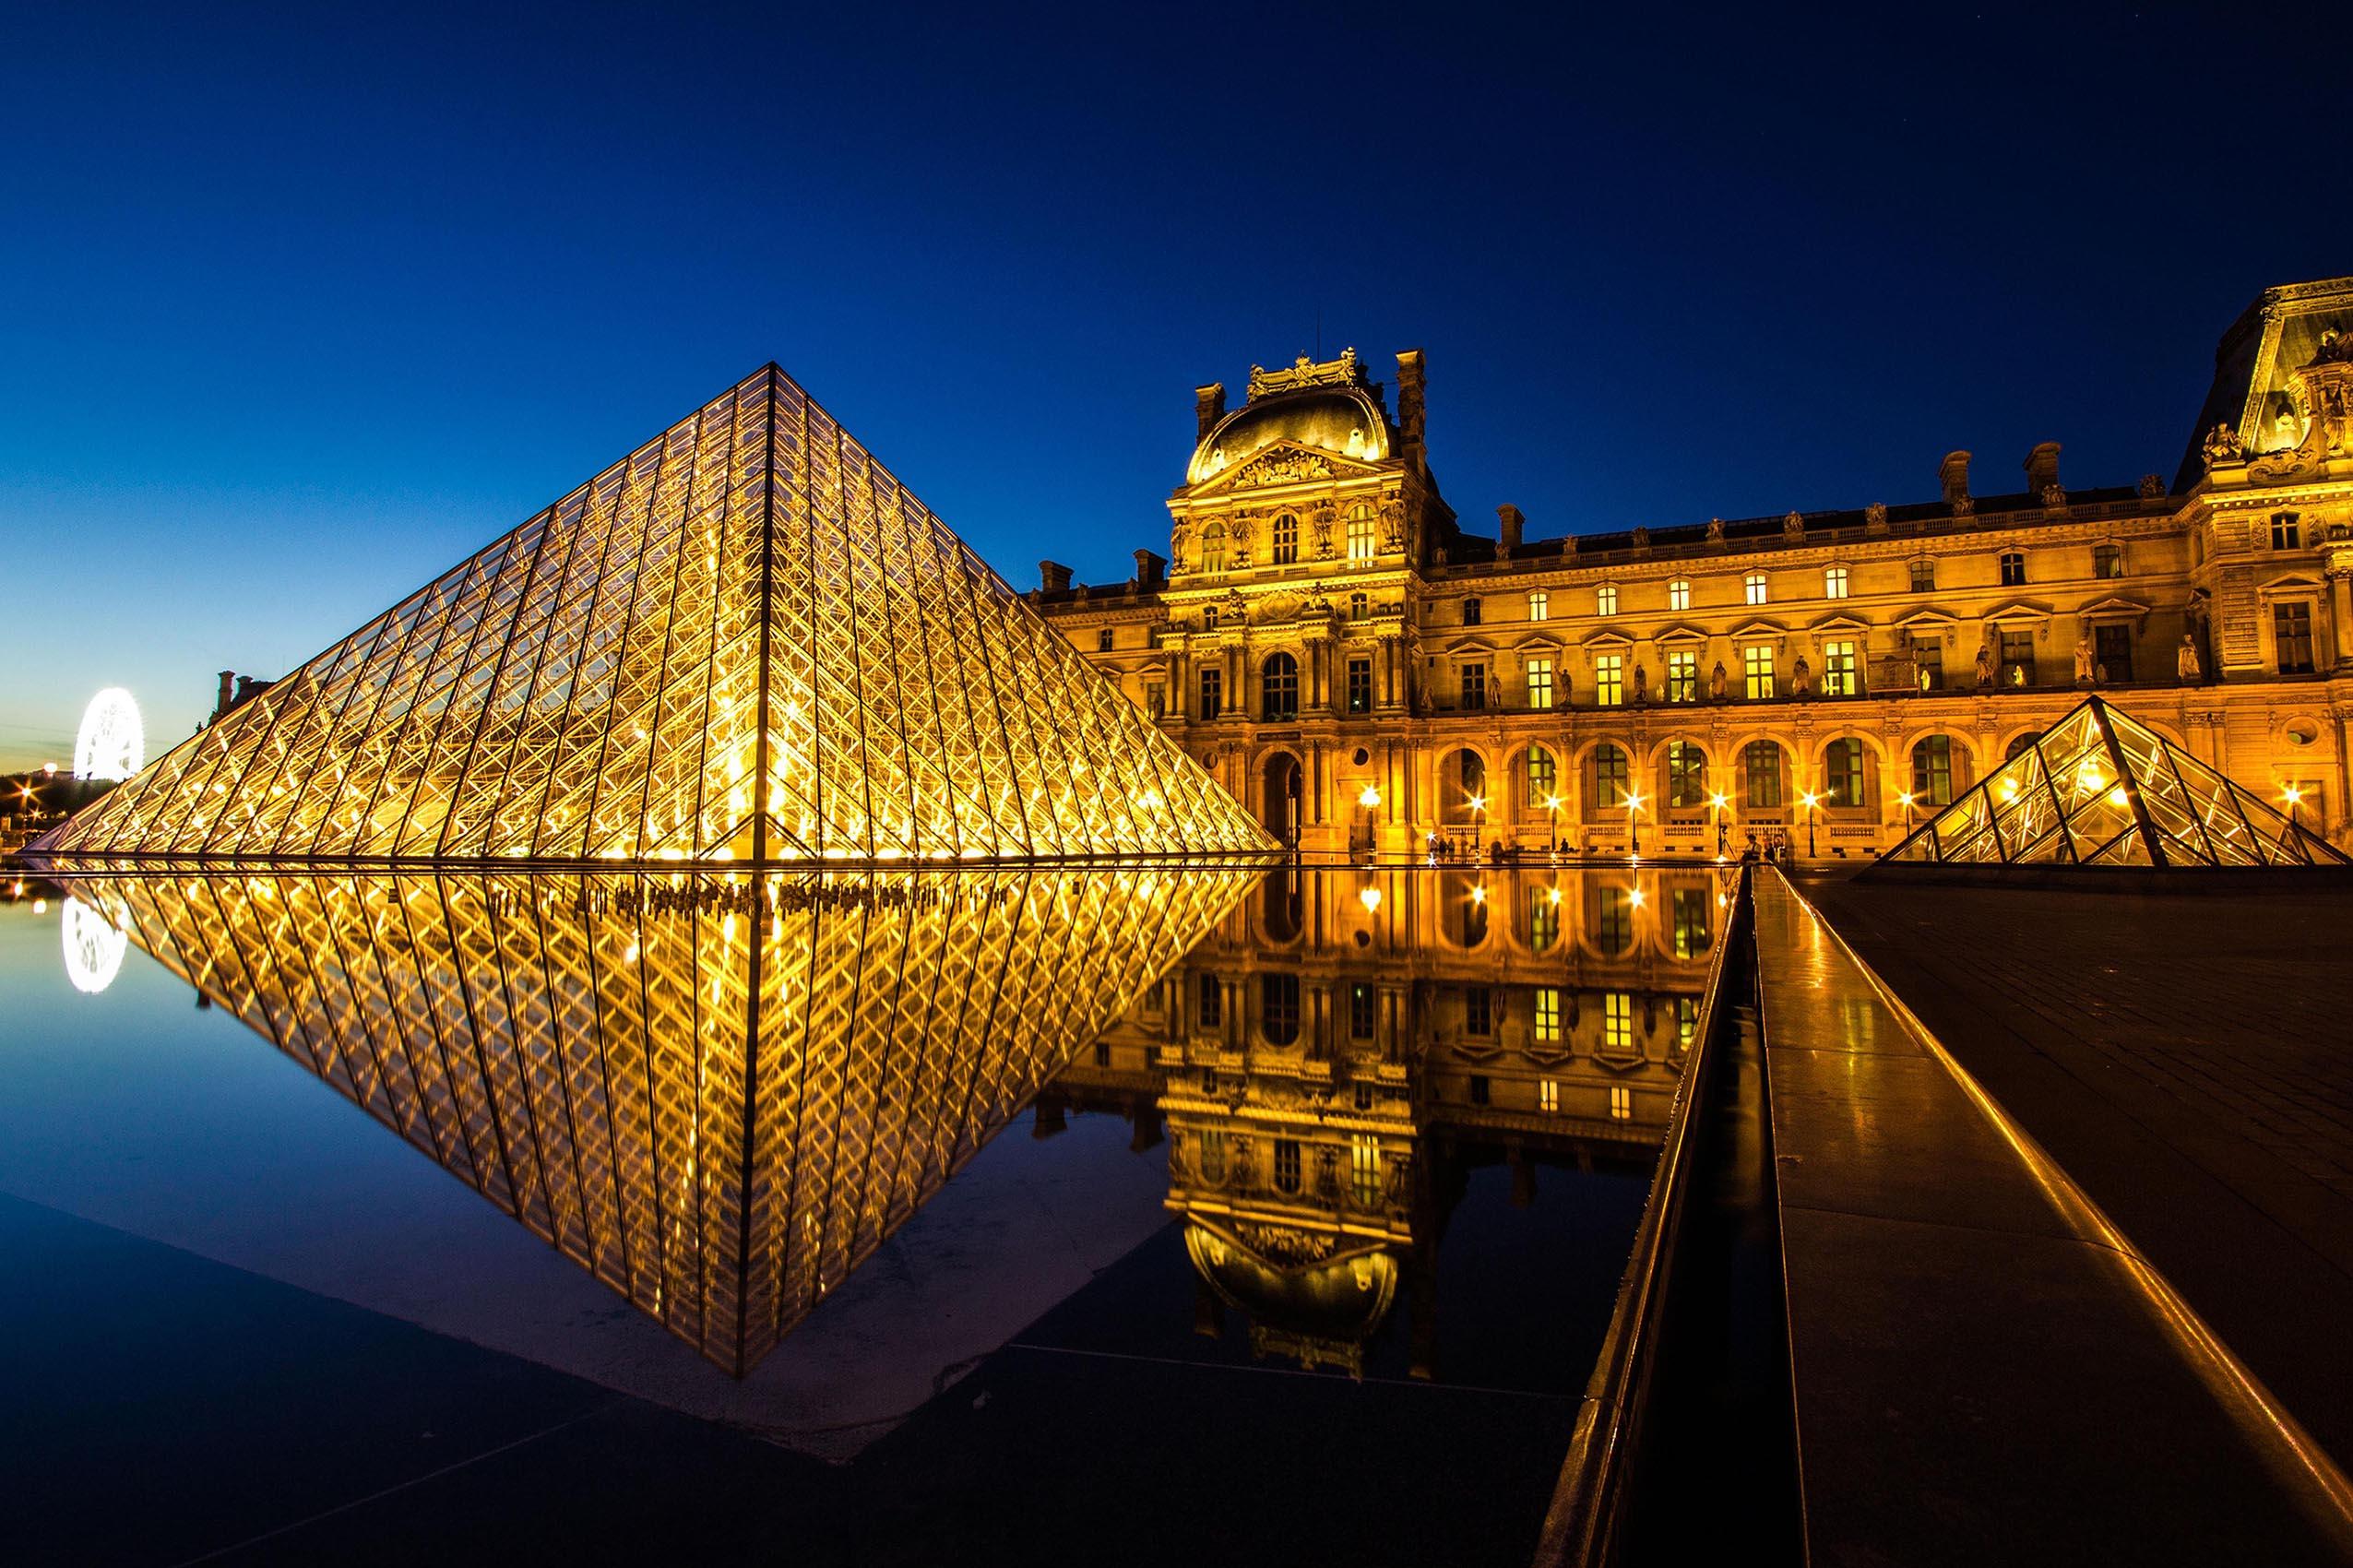 parigi-louvre-museum-at-night